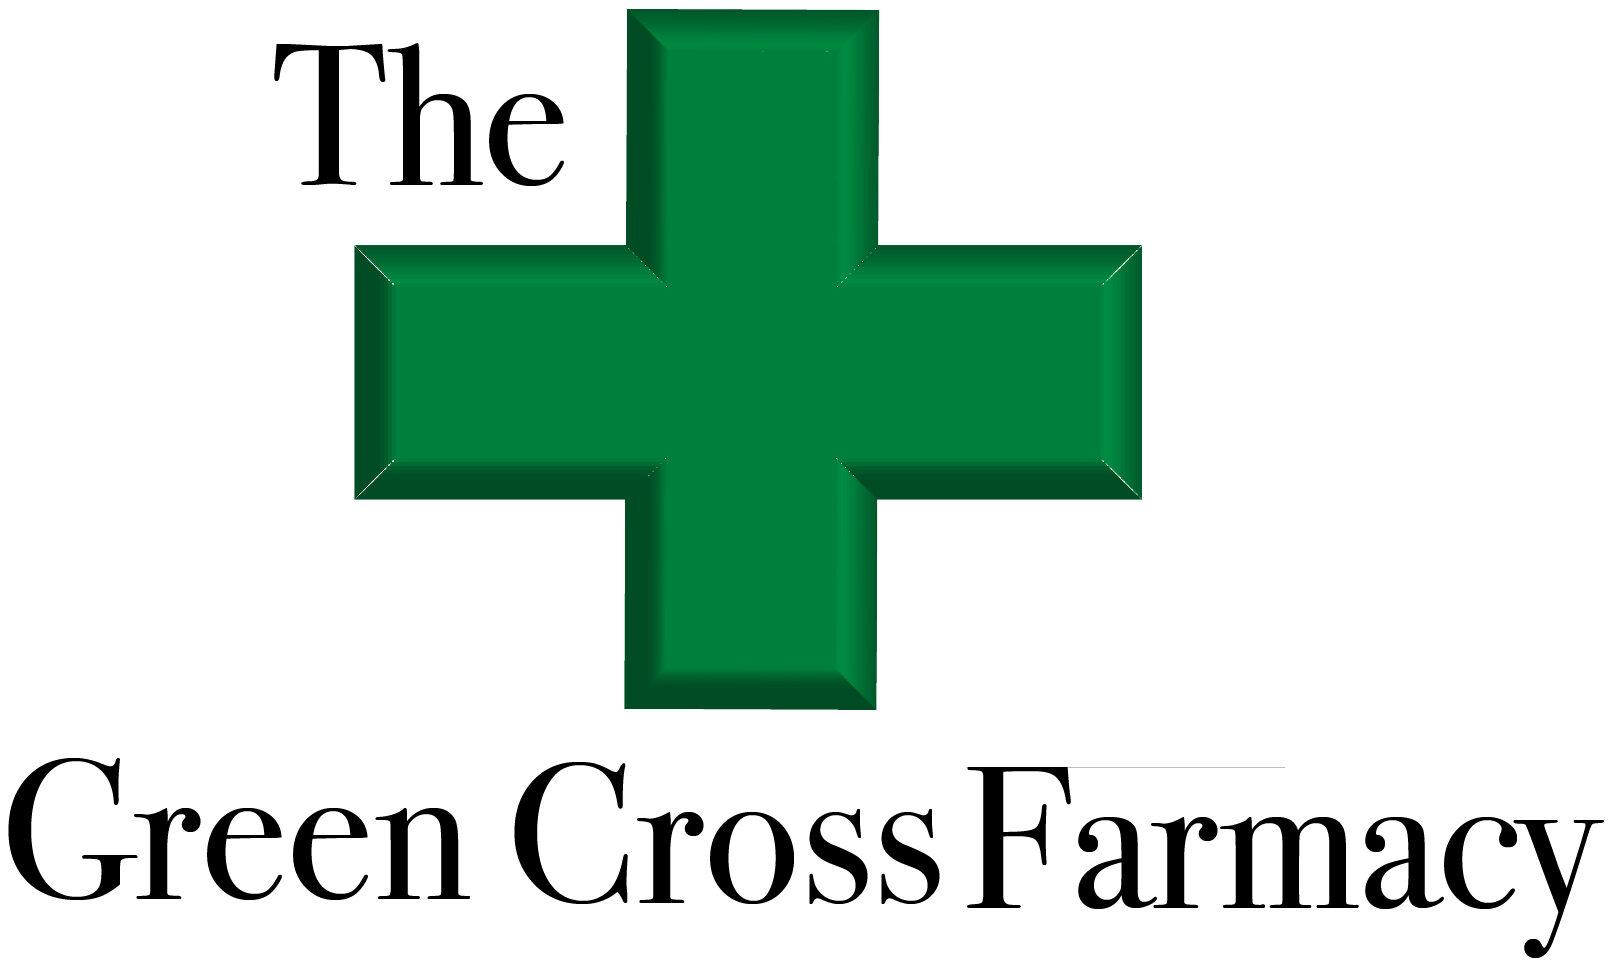 The Green Cross Farmacy